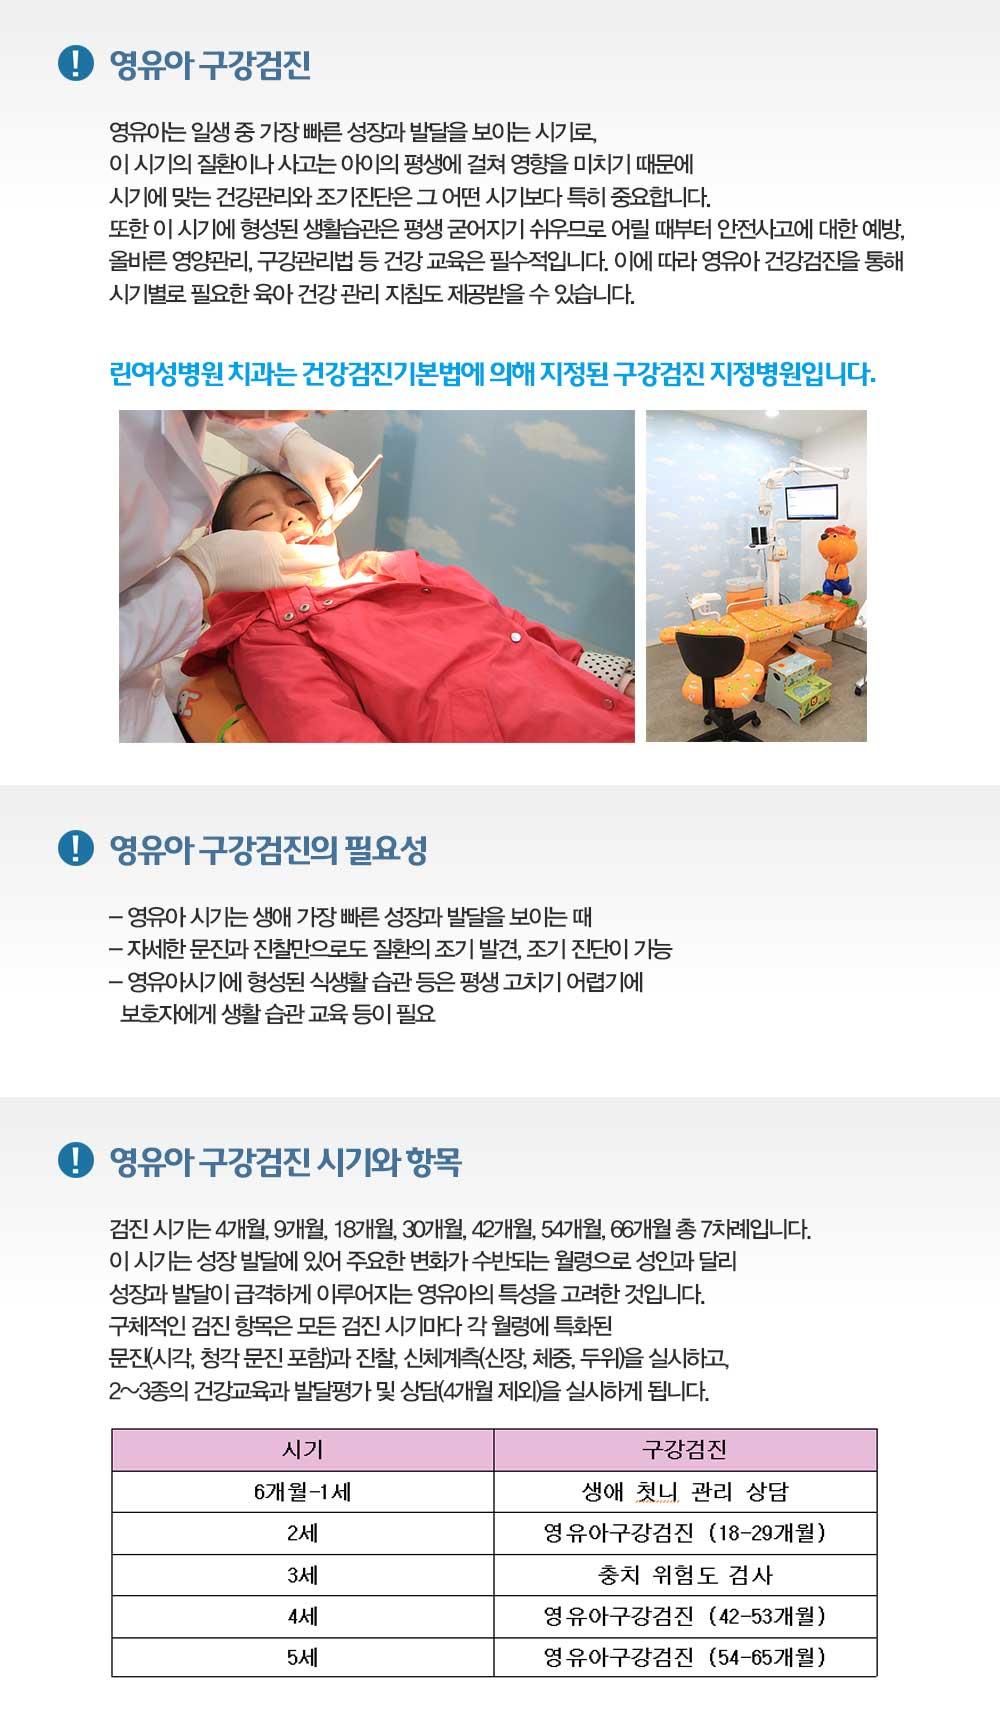 영유아구강검진